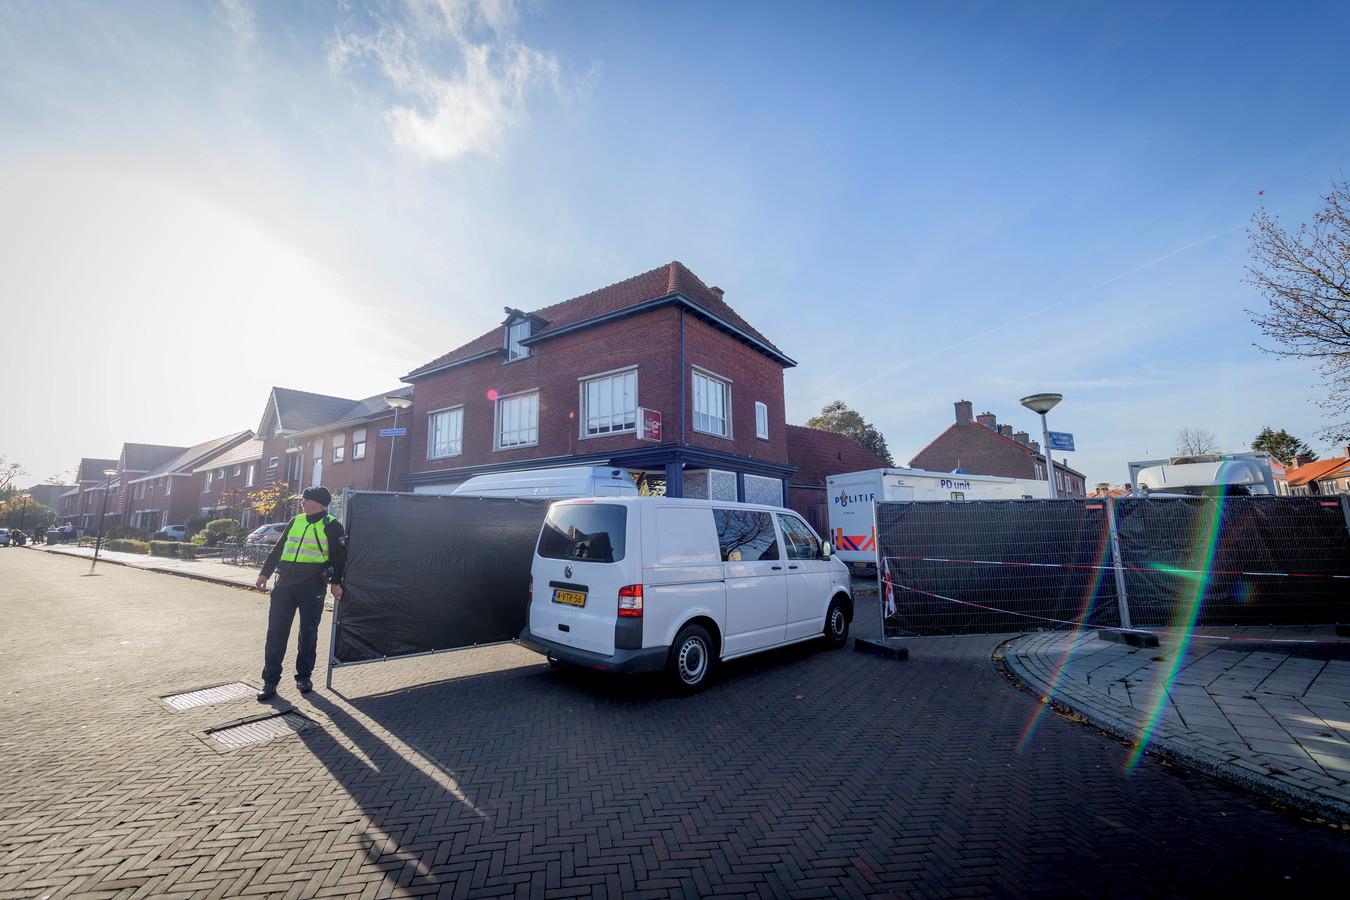 De plaats delict viervoudige moord aan de Van Leeuwenhoekstraat in Enschede, medio november 2018.